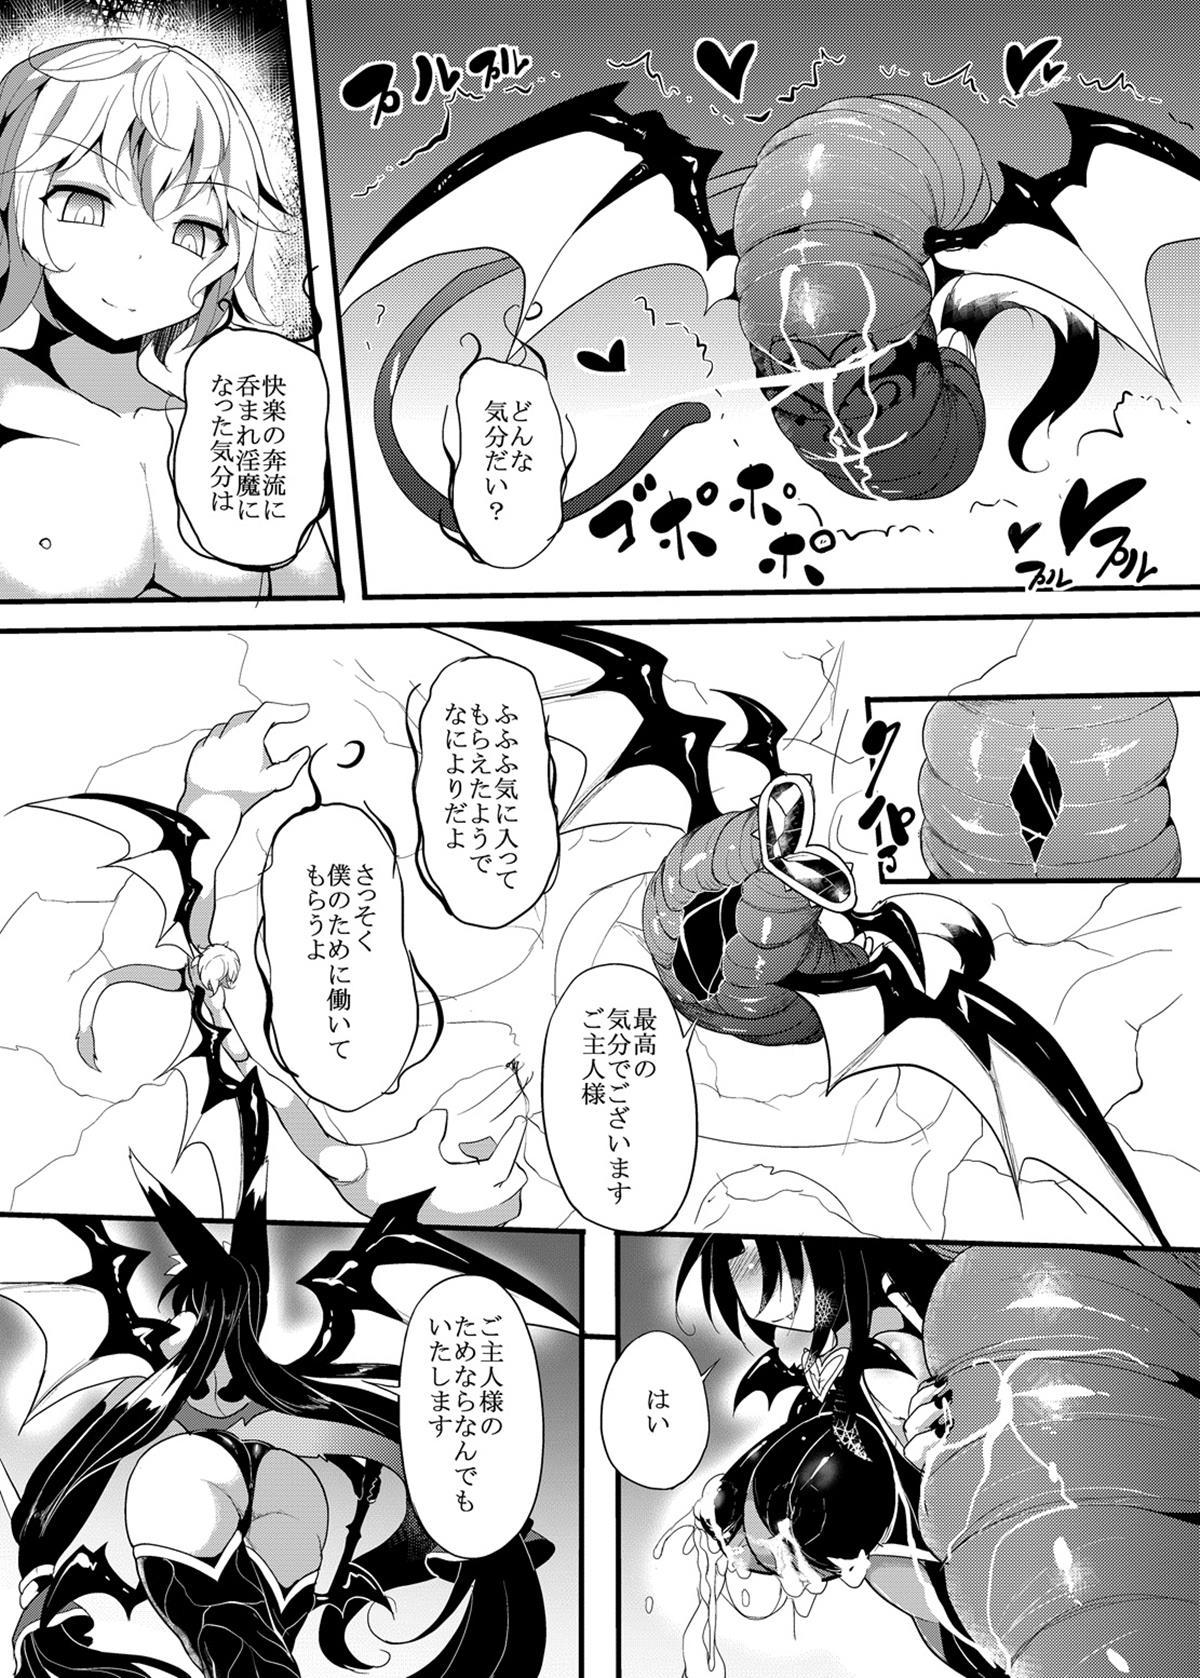 【エロ漫画・エロ同人誌】触手に媚薬まみれにされて堕ちて行く巨乳娘www (45)